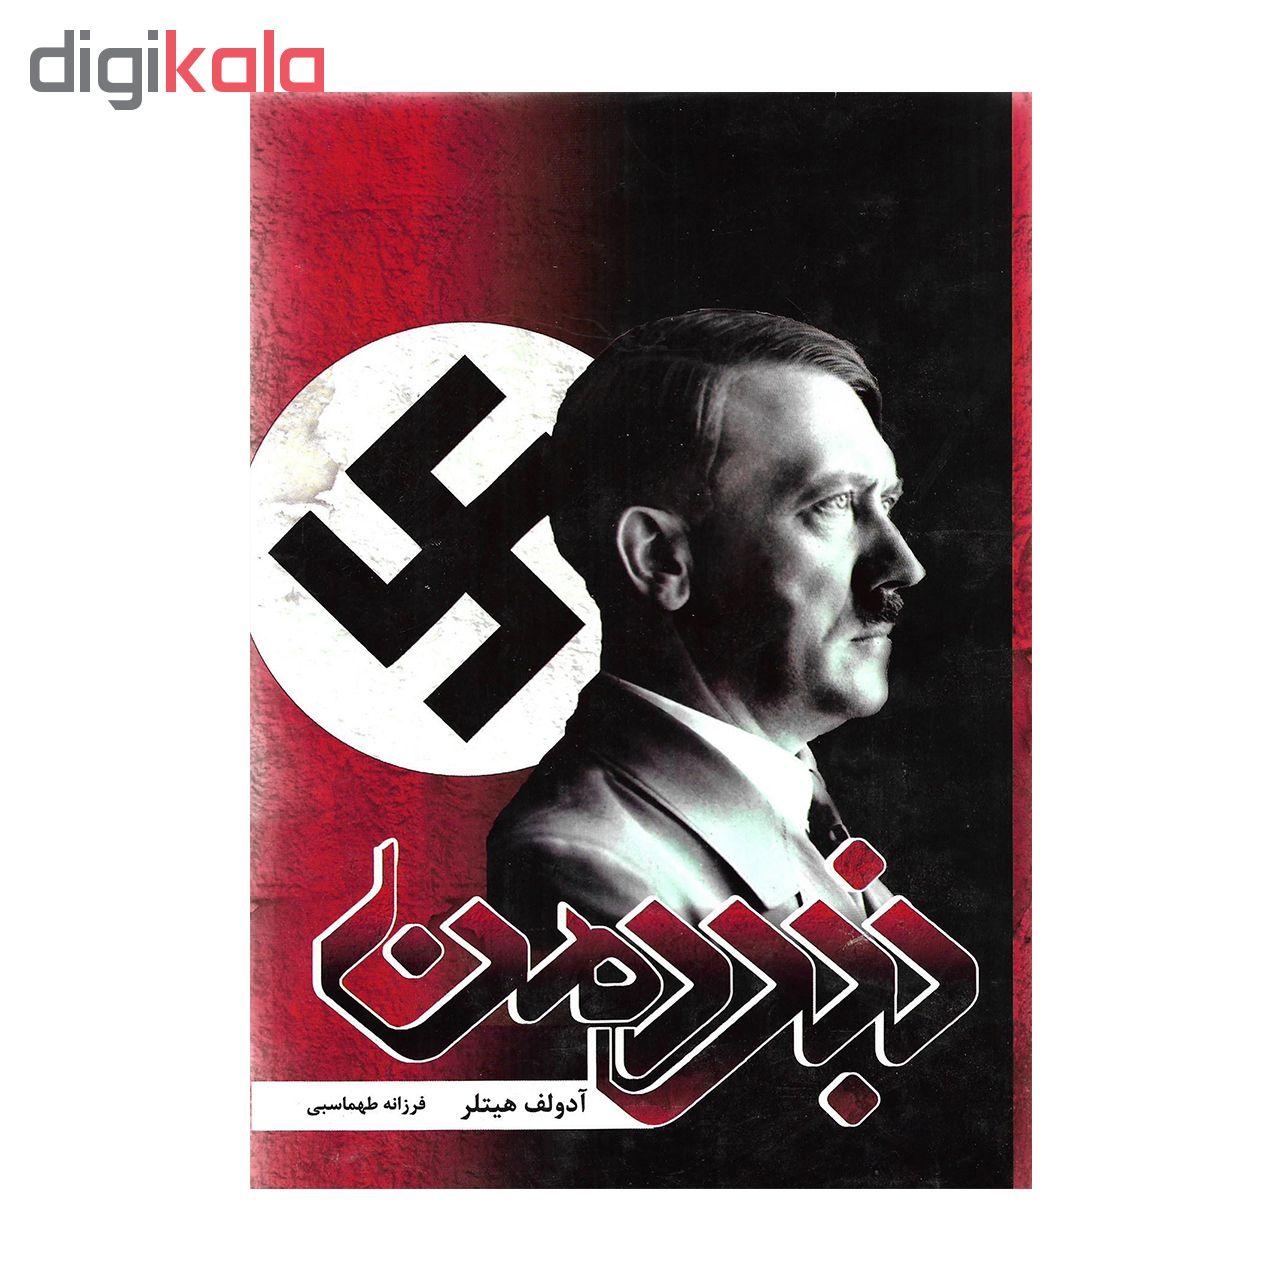 خرید                      کتاب نبرد من اثر آدولف هیتلر